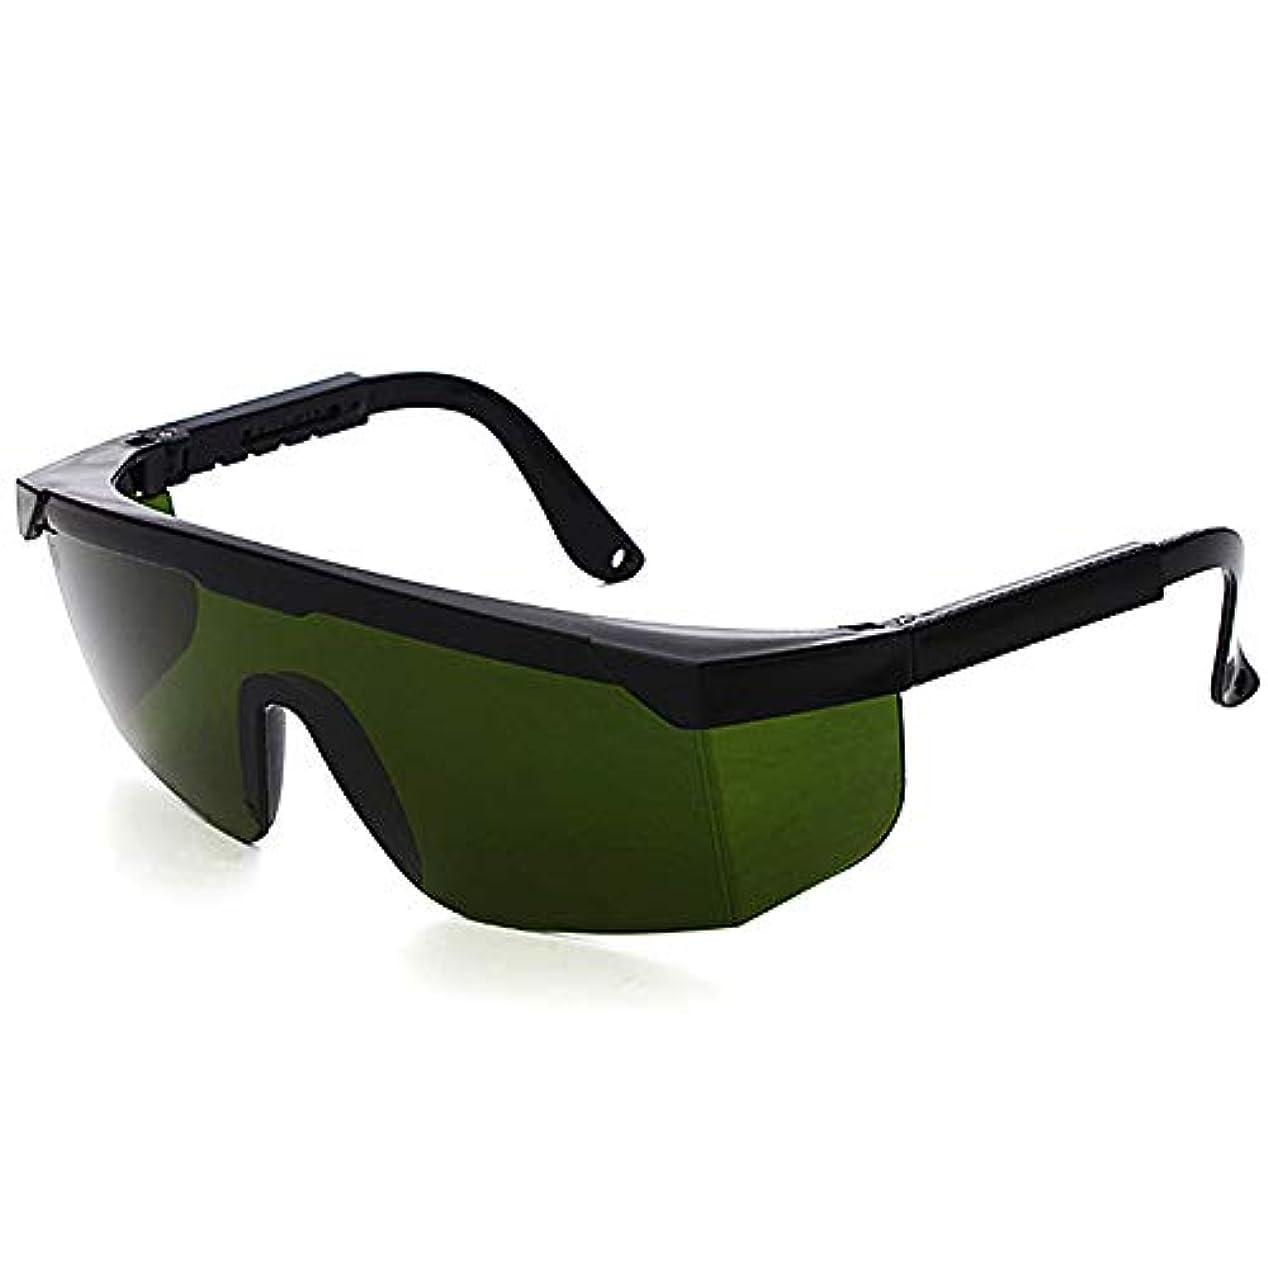 ハンサム権限招待Jiayaofu レーザー保護メガネIPL美容機器メガネレーザーペアIPLメガネ、安全メガネ